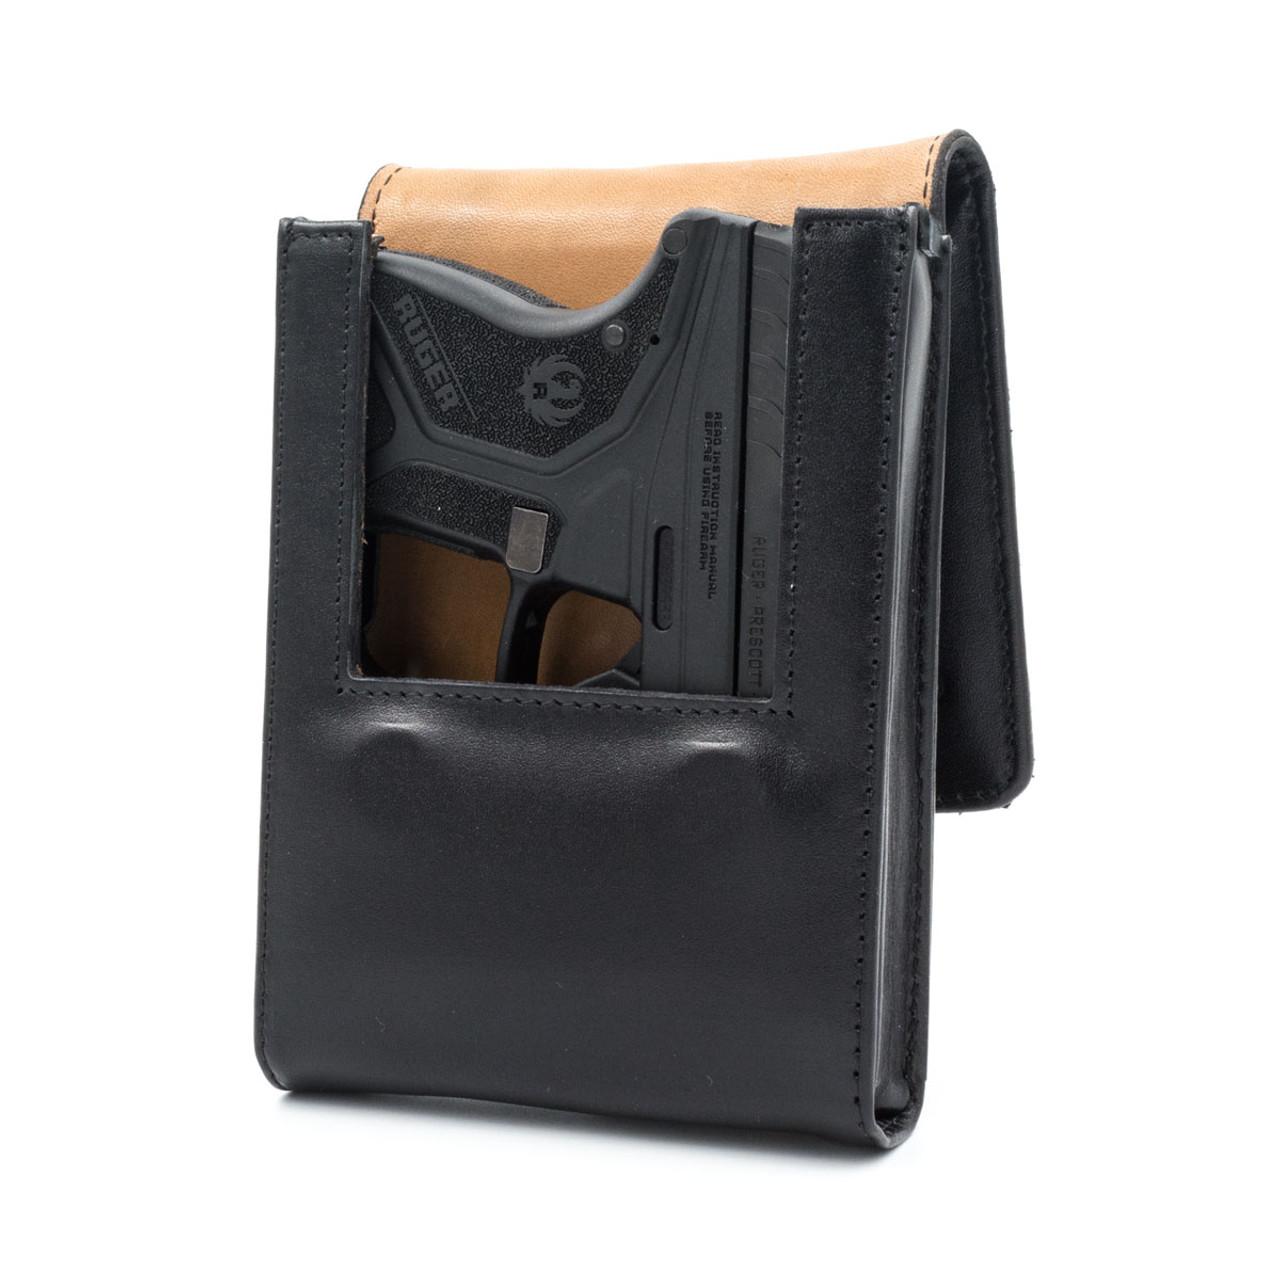 Glock 42 Value Package 3